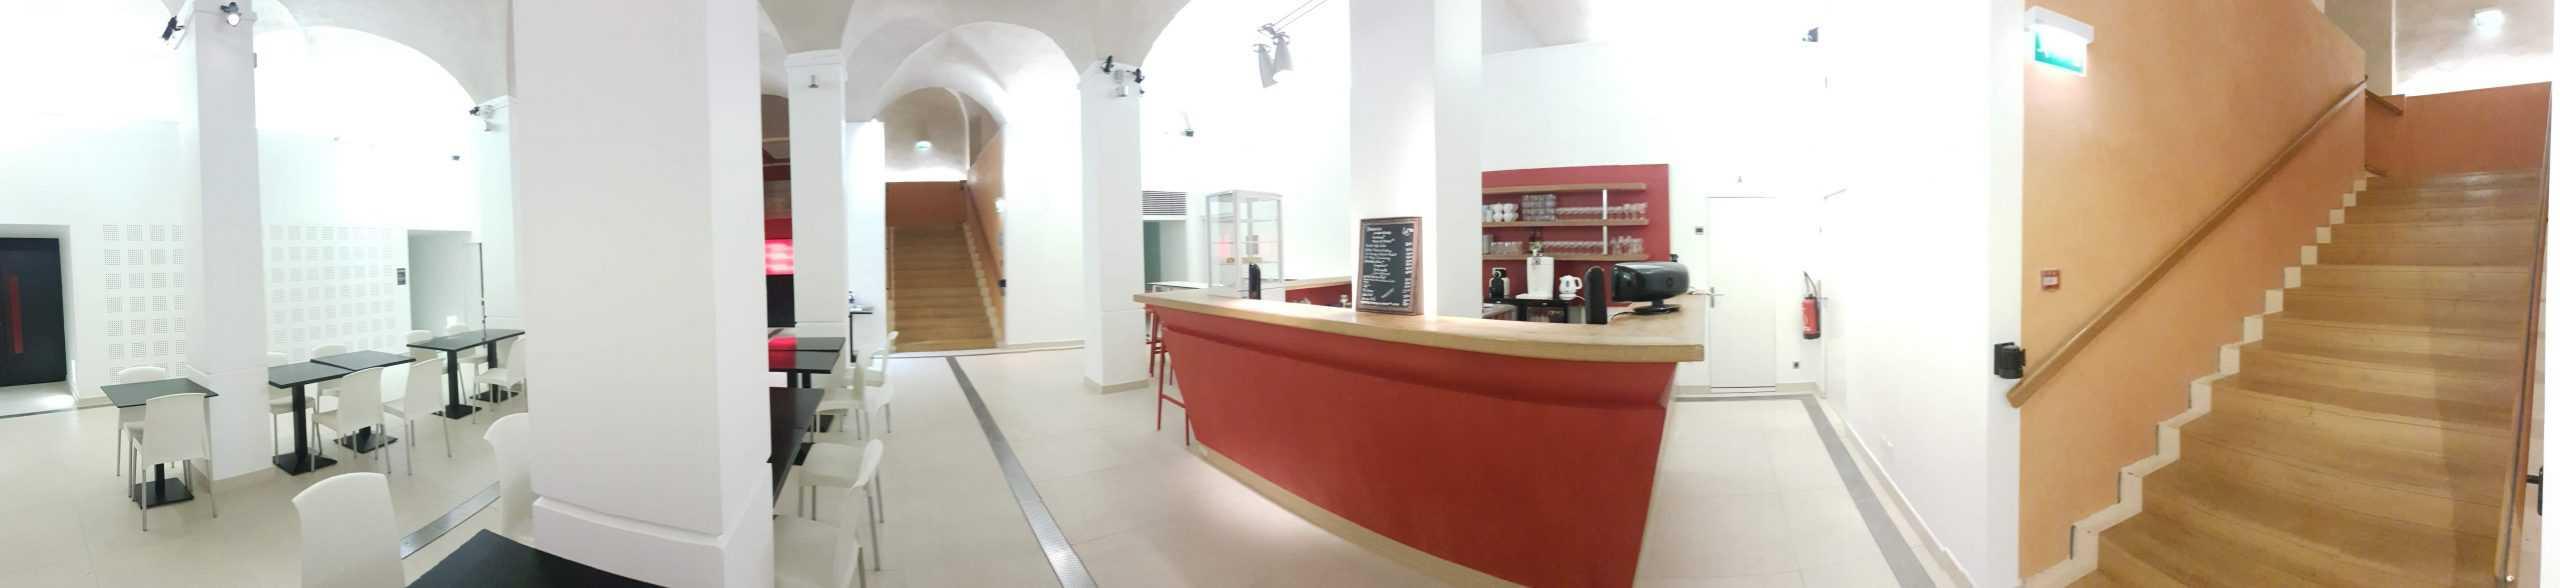 letourdi bar restaurant théâtre des célestins niveau 1 5 scaled